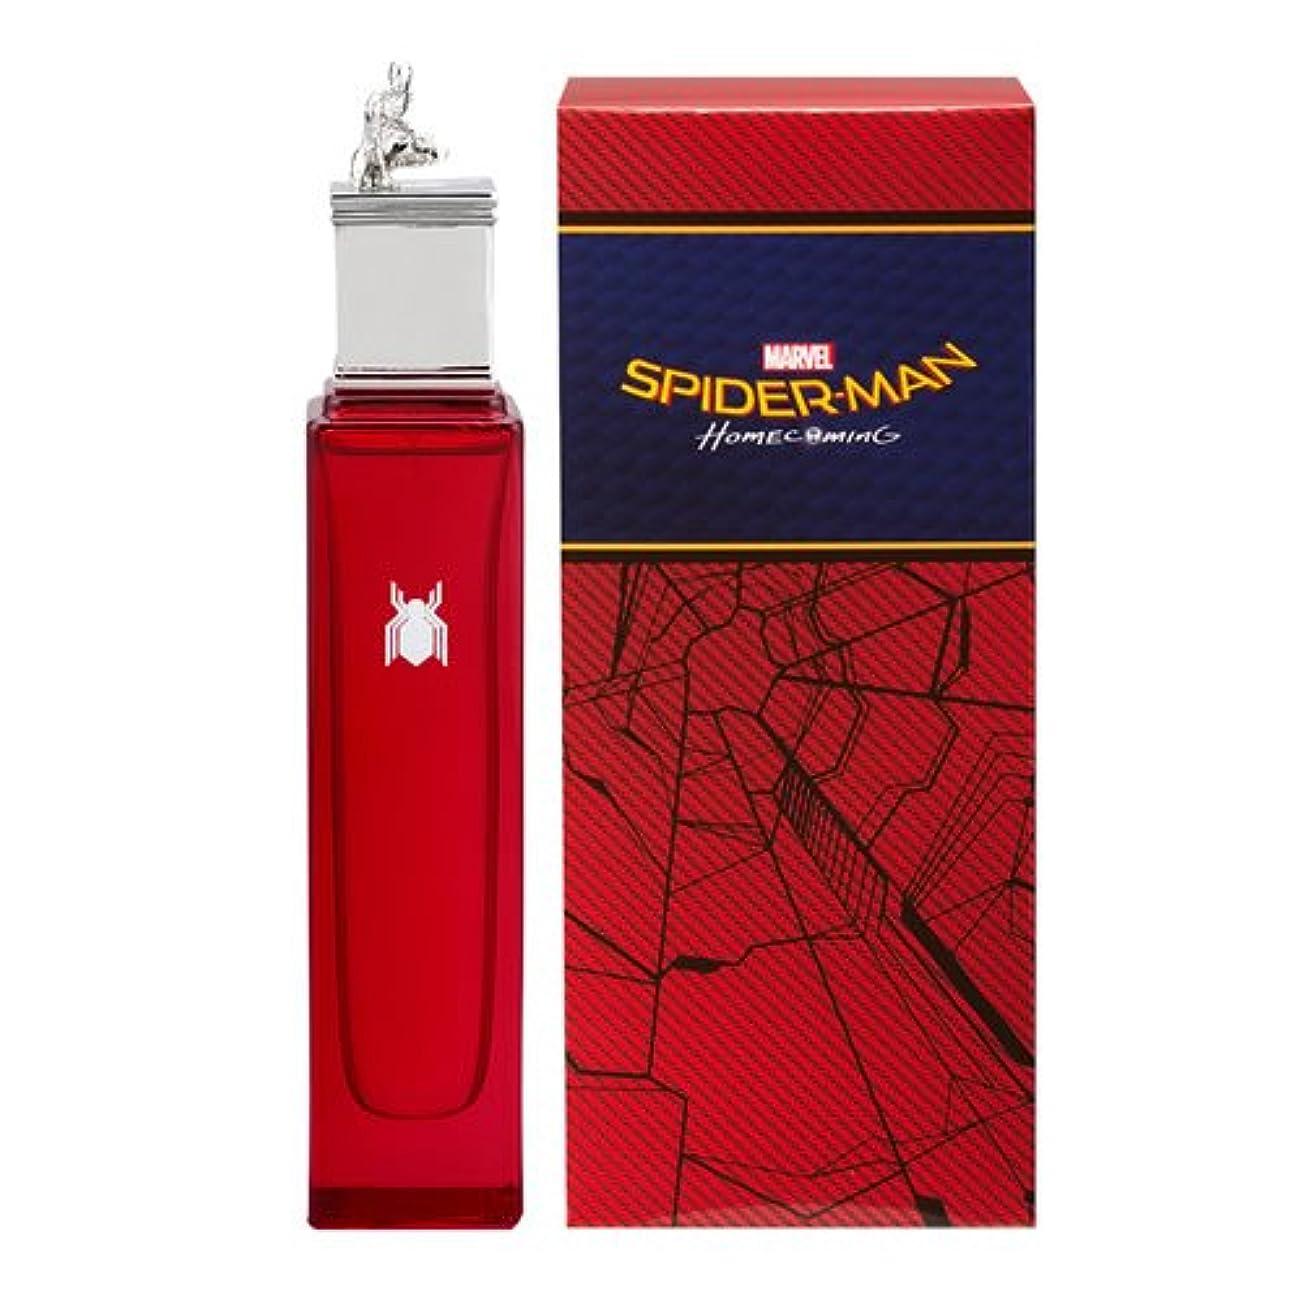 二次アルコール皮肉◆【MARVEL】Unisex香水◆トゥーザシーン スパイダーマン オードトワレEDT 50ml◆